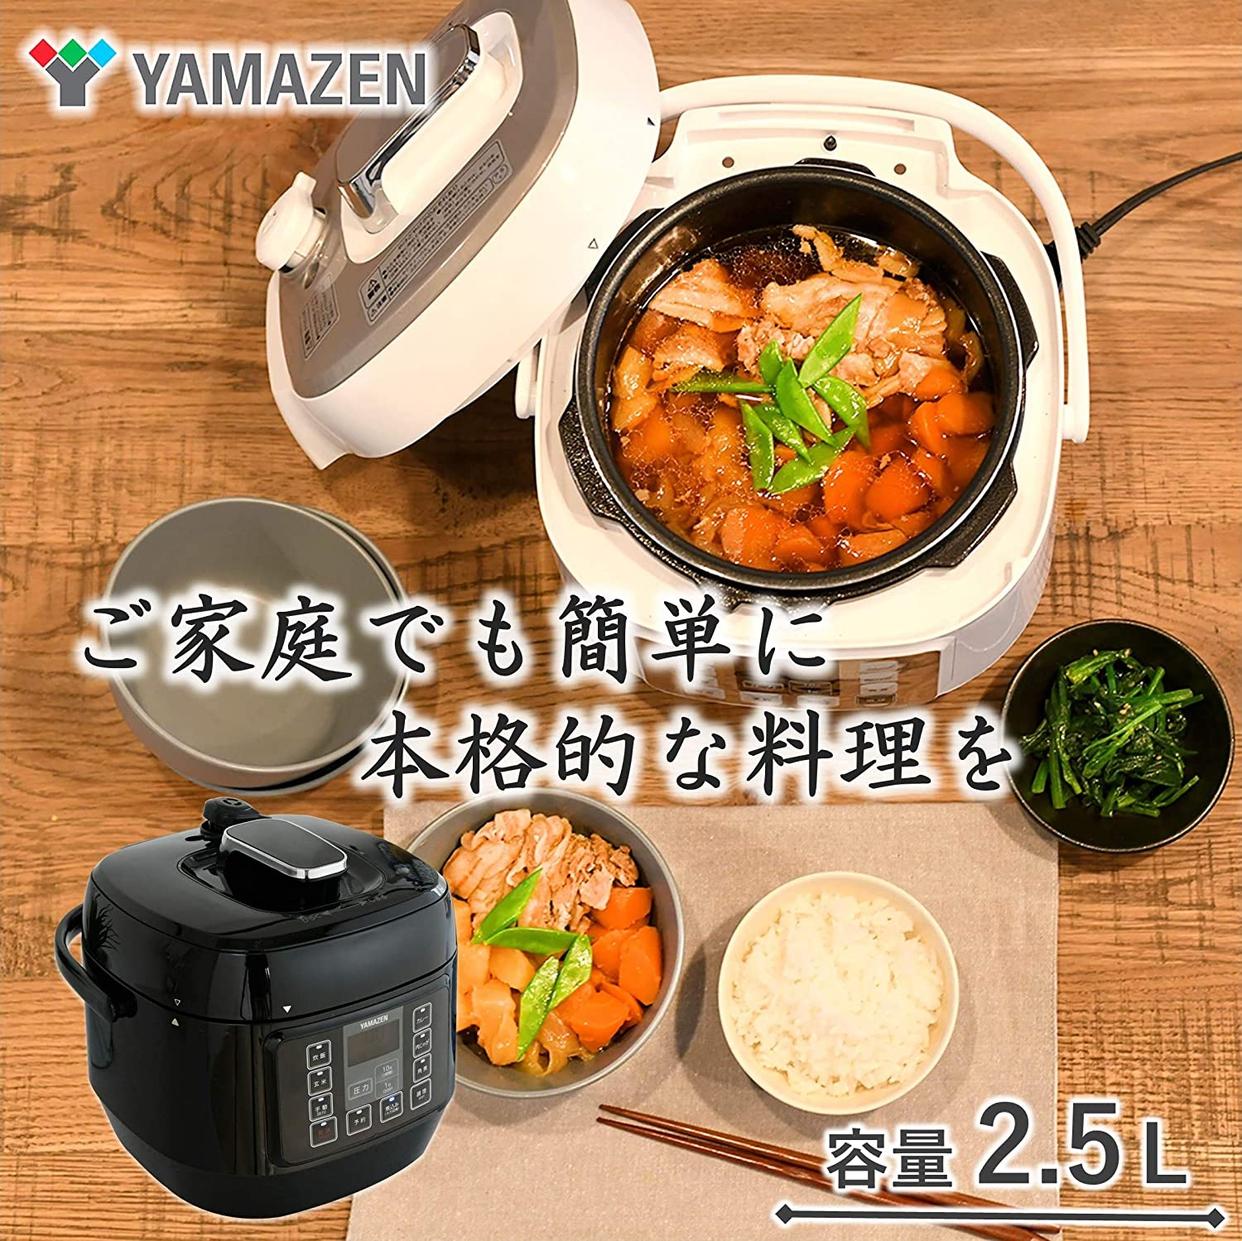 山善(YAMAZEN) 電気圧力鍋 EPCA-250Mの商品画像2